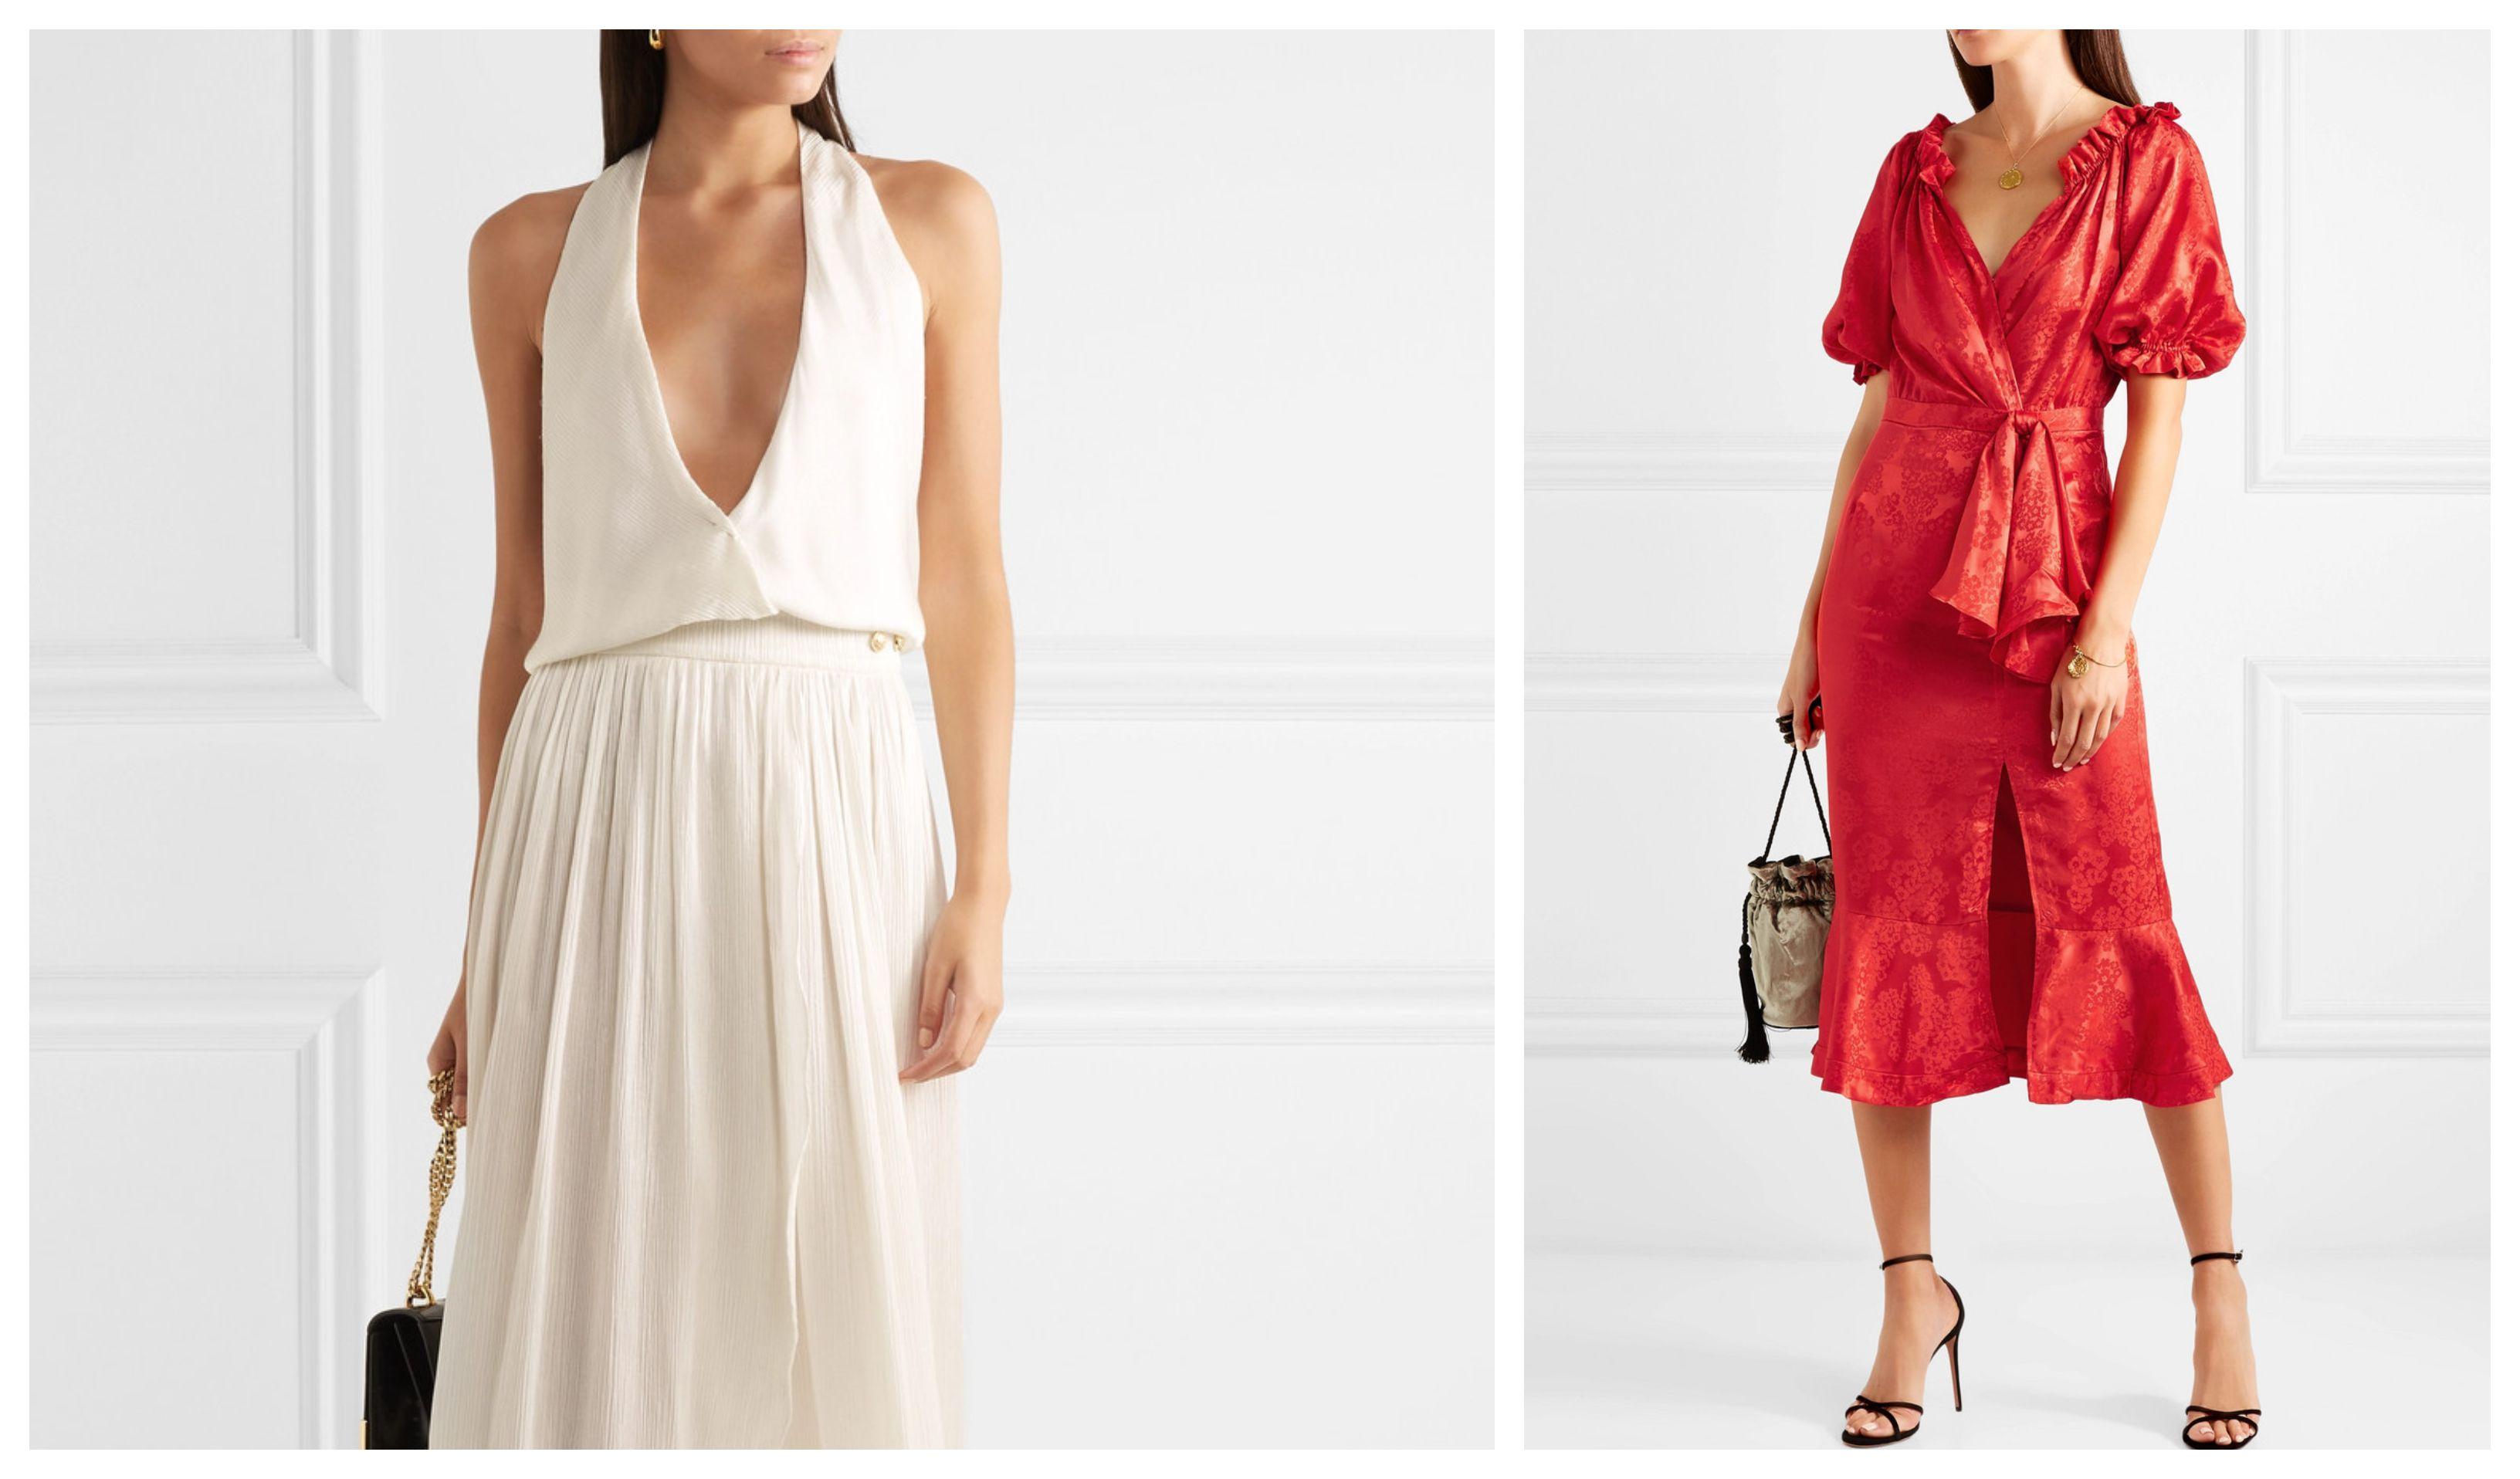 Bijele i crvene haljine, jer... Utakmica! Pogledajte najljepše trendi modele